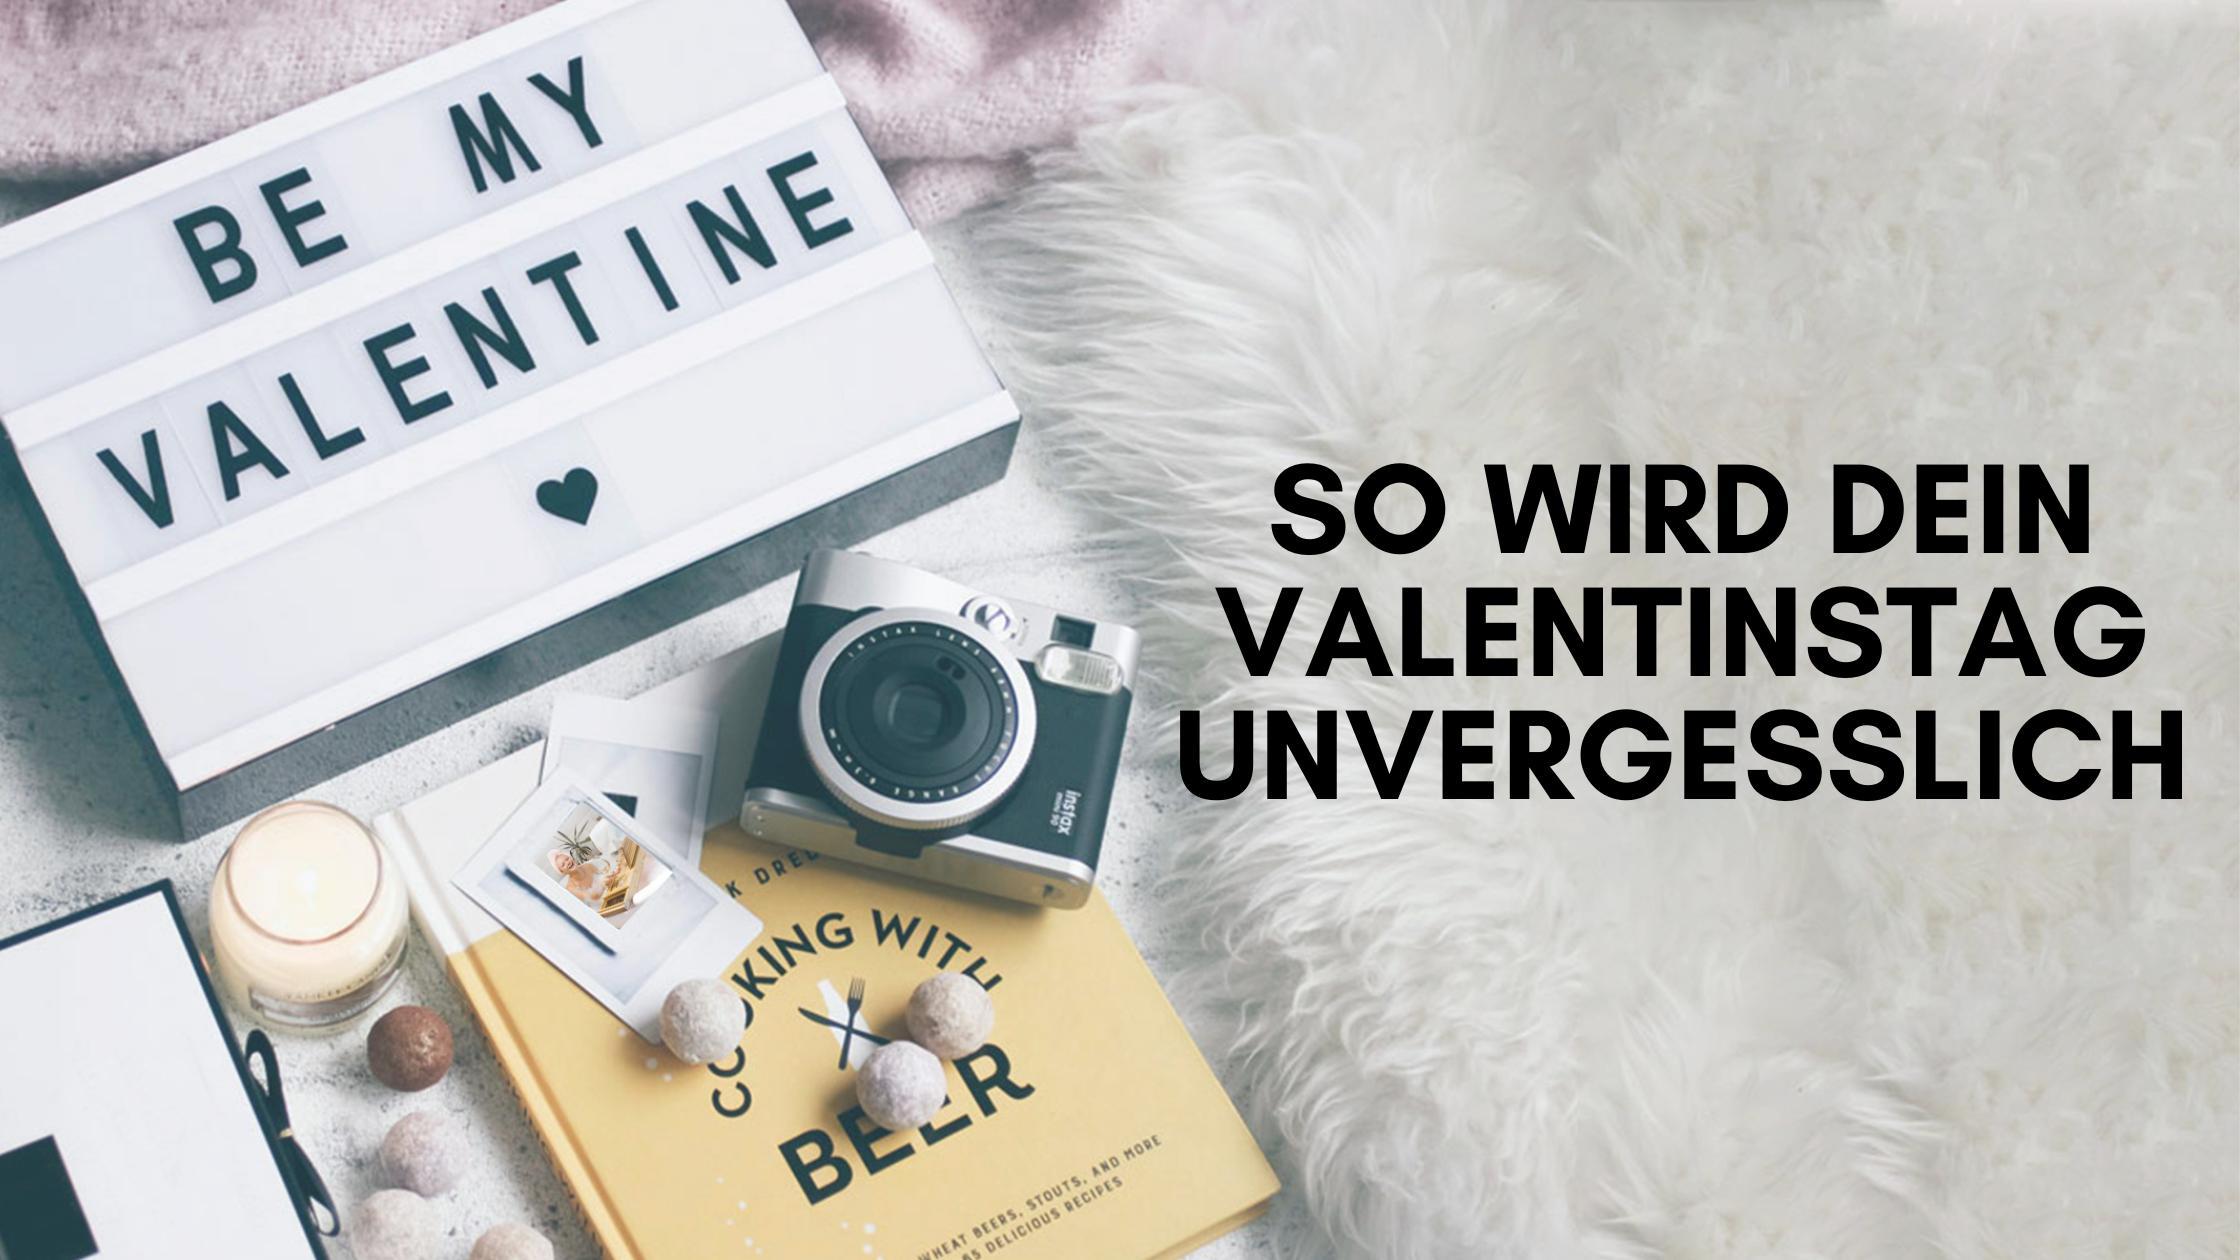 Mit diesen 10 Tipps wird dein Valentinstag unvergesslich